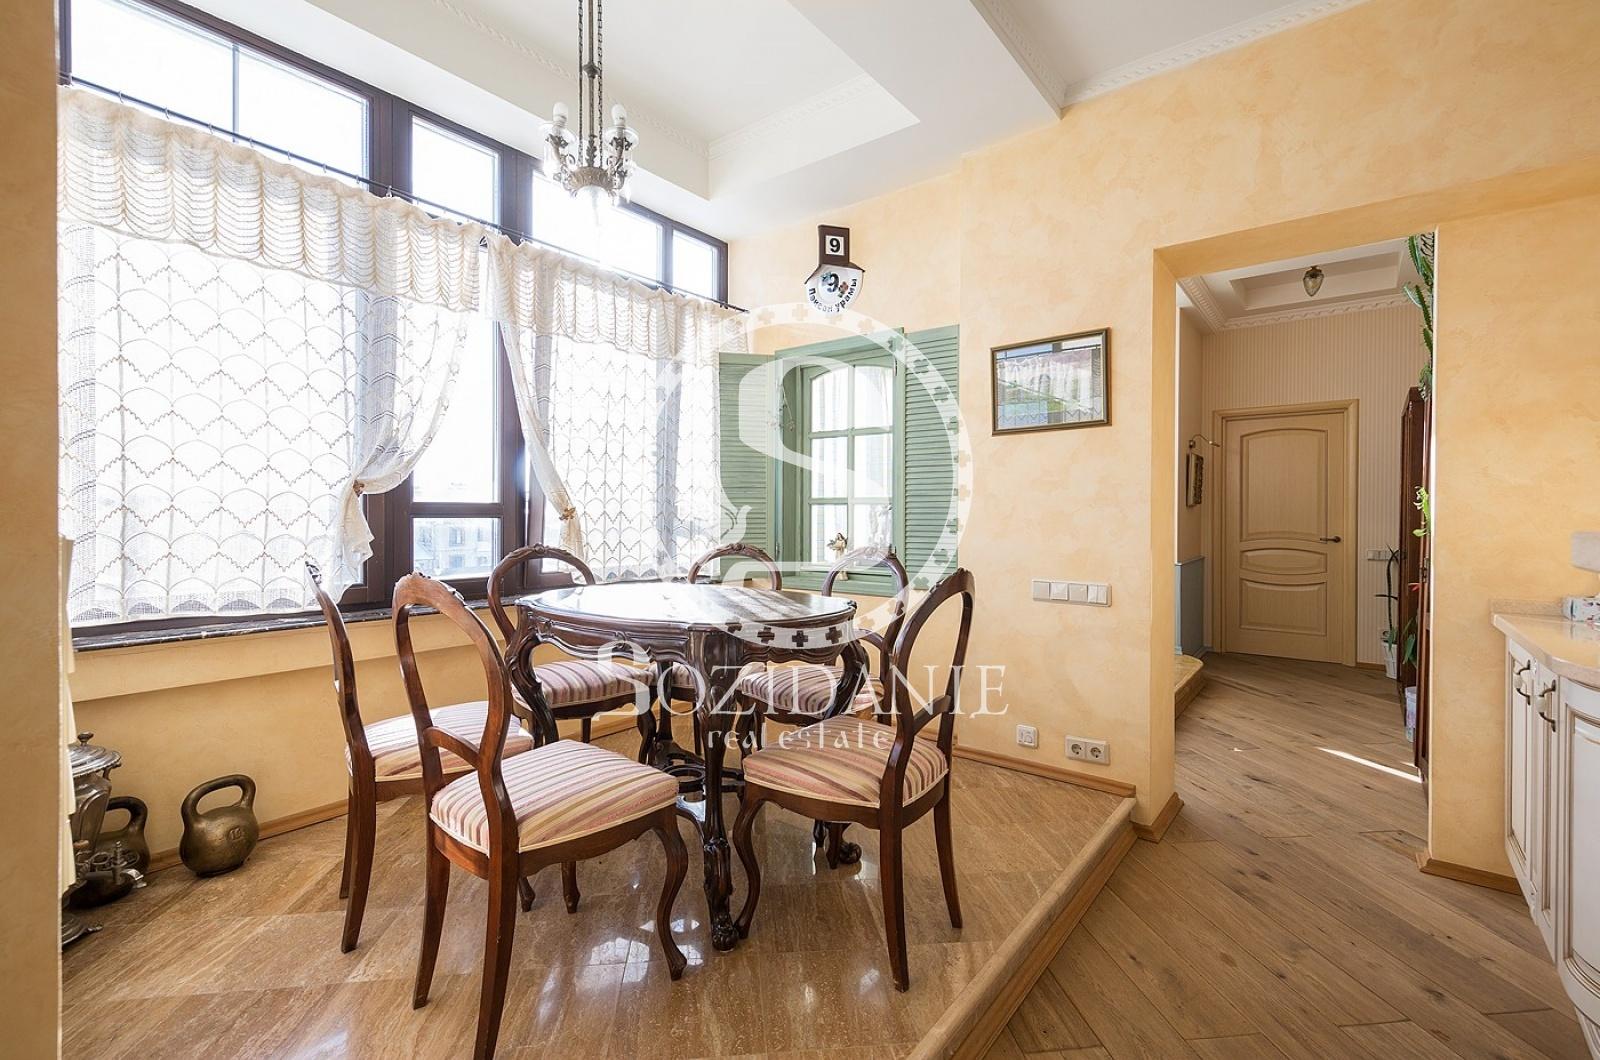 1 Bedrooms, 2 Комнаты, Загородная, Продажа, Listing ID 3643, Московская область, Россия,